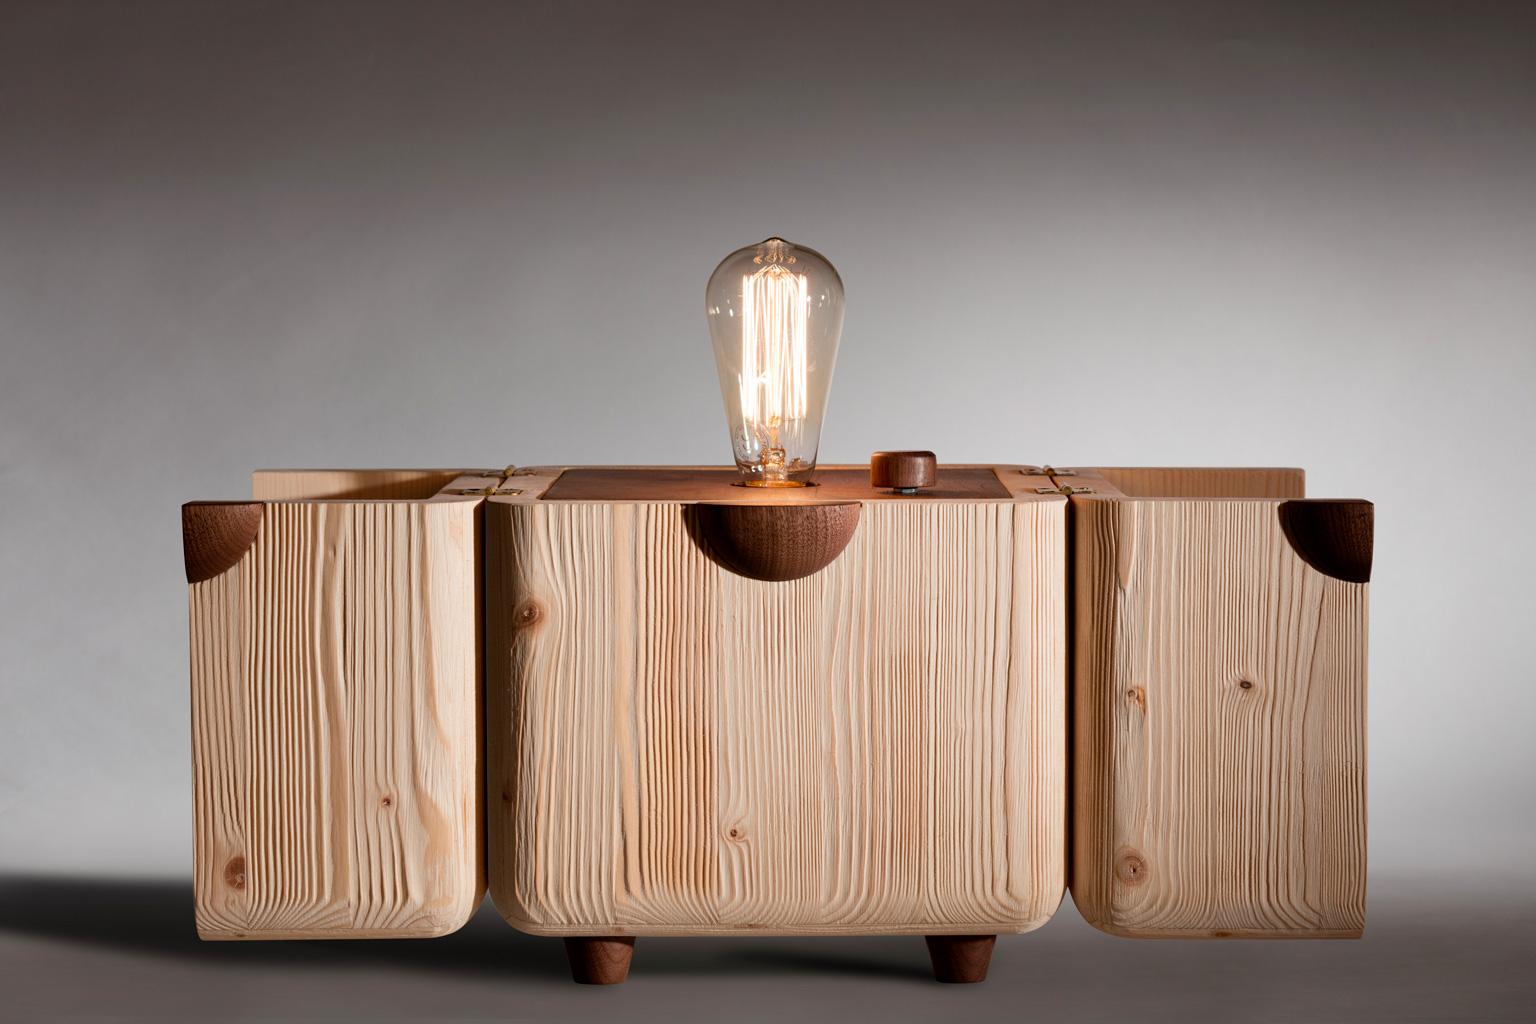 Lampade Archivi - Tonda Design